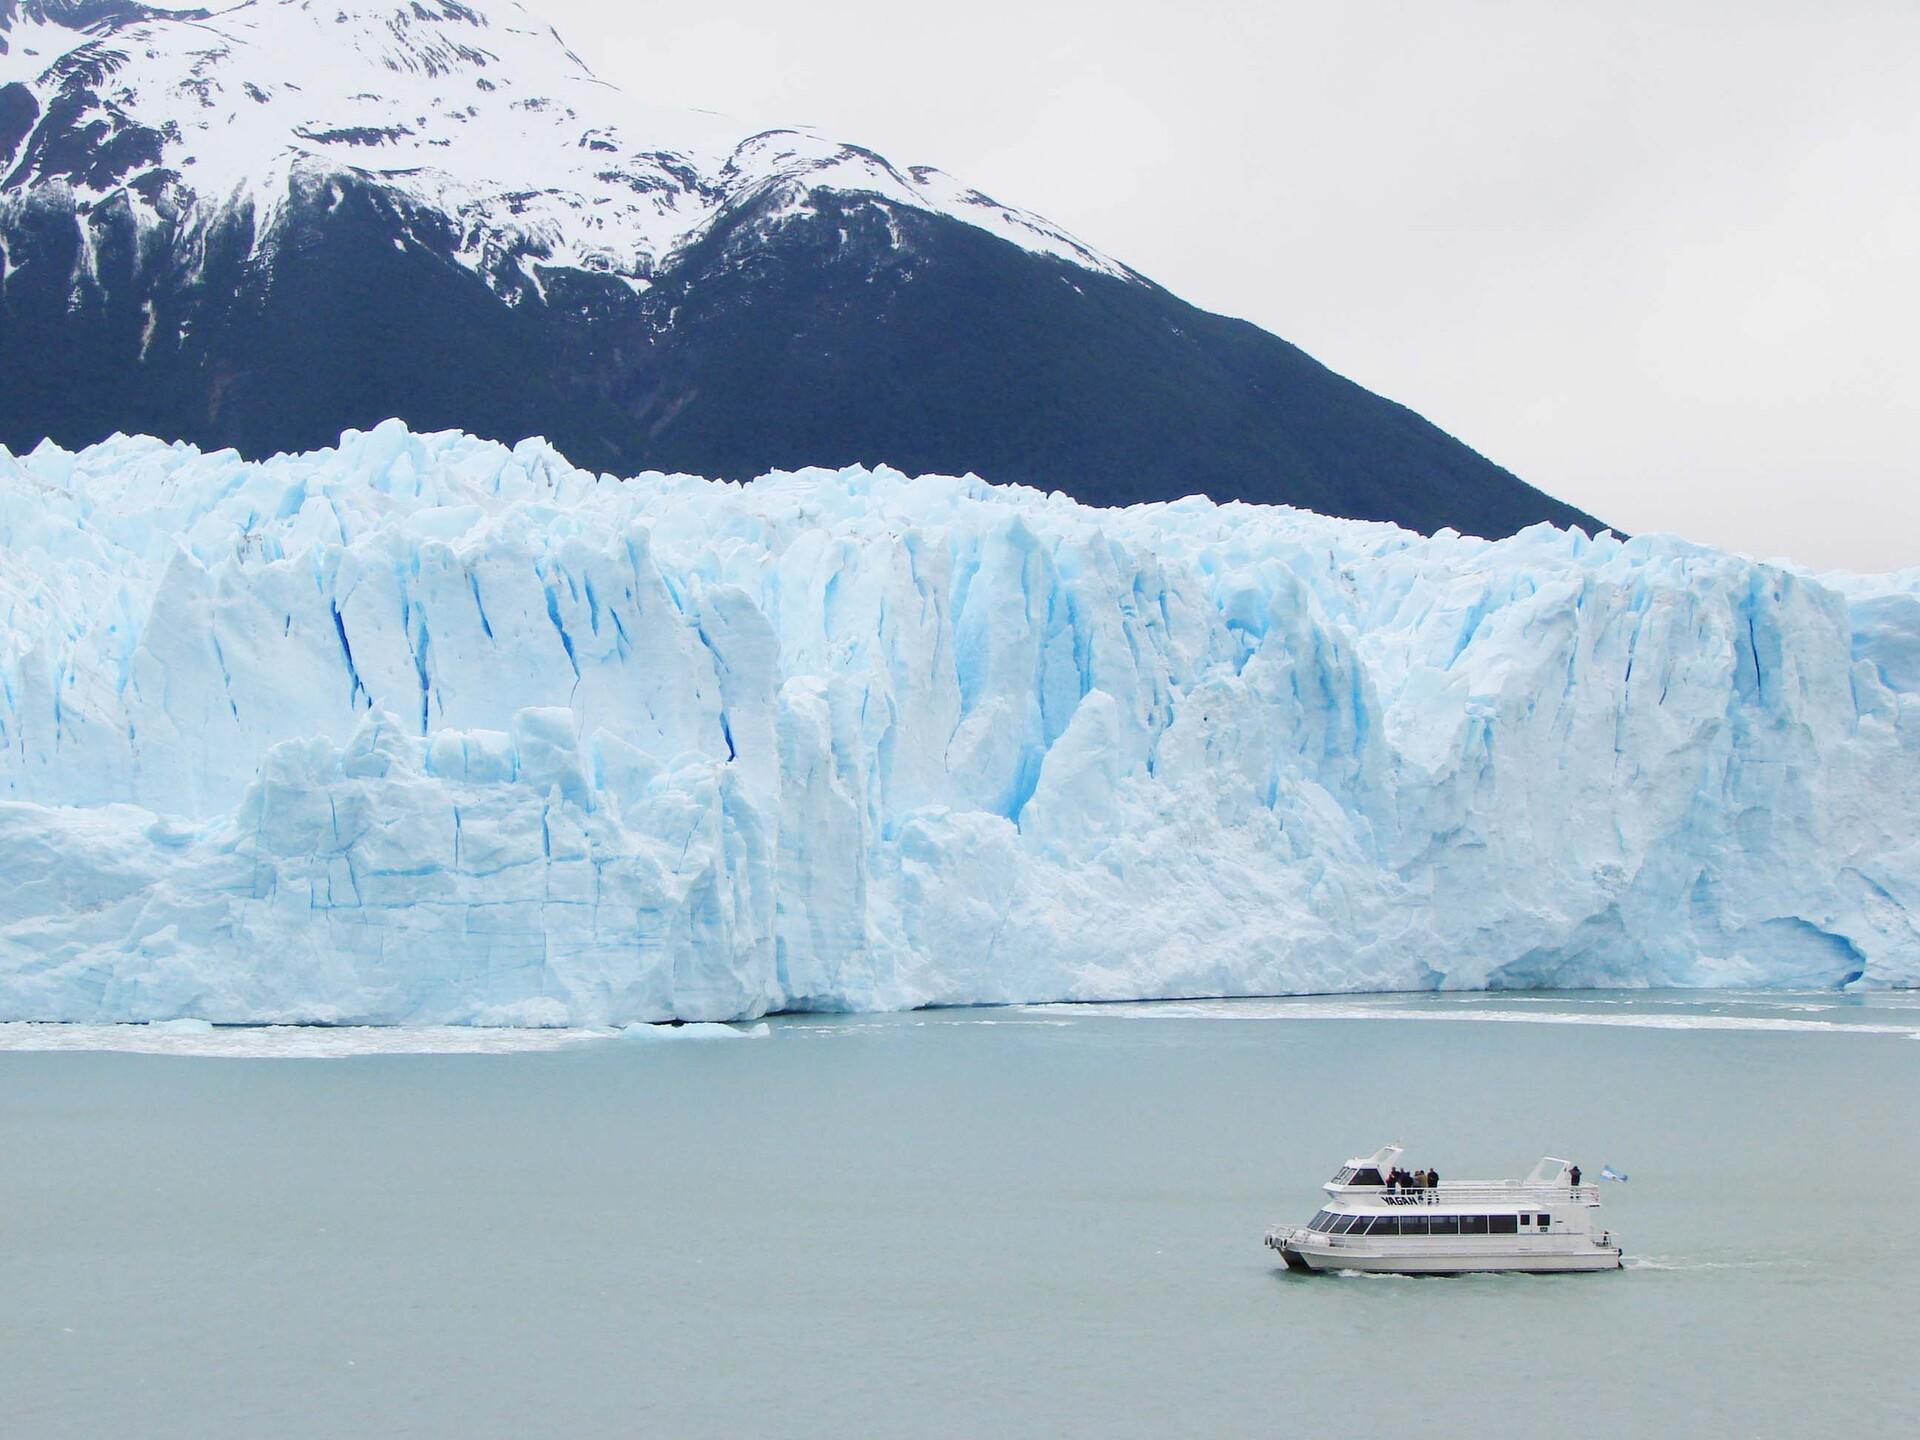 É impressionante ver os paredões de gelo desprenderem-se e cair nas águas